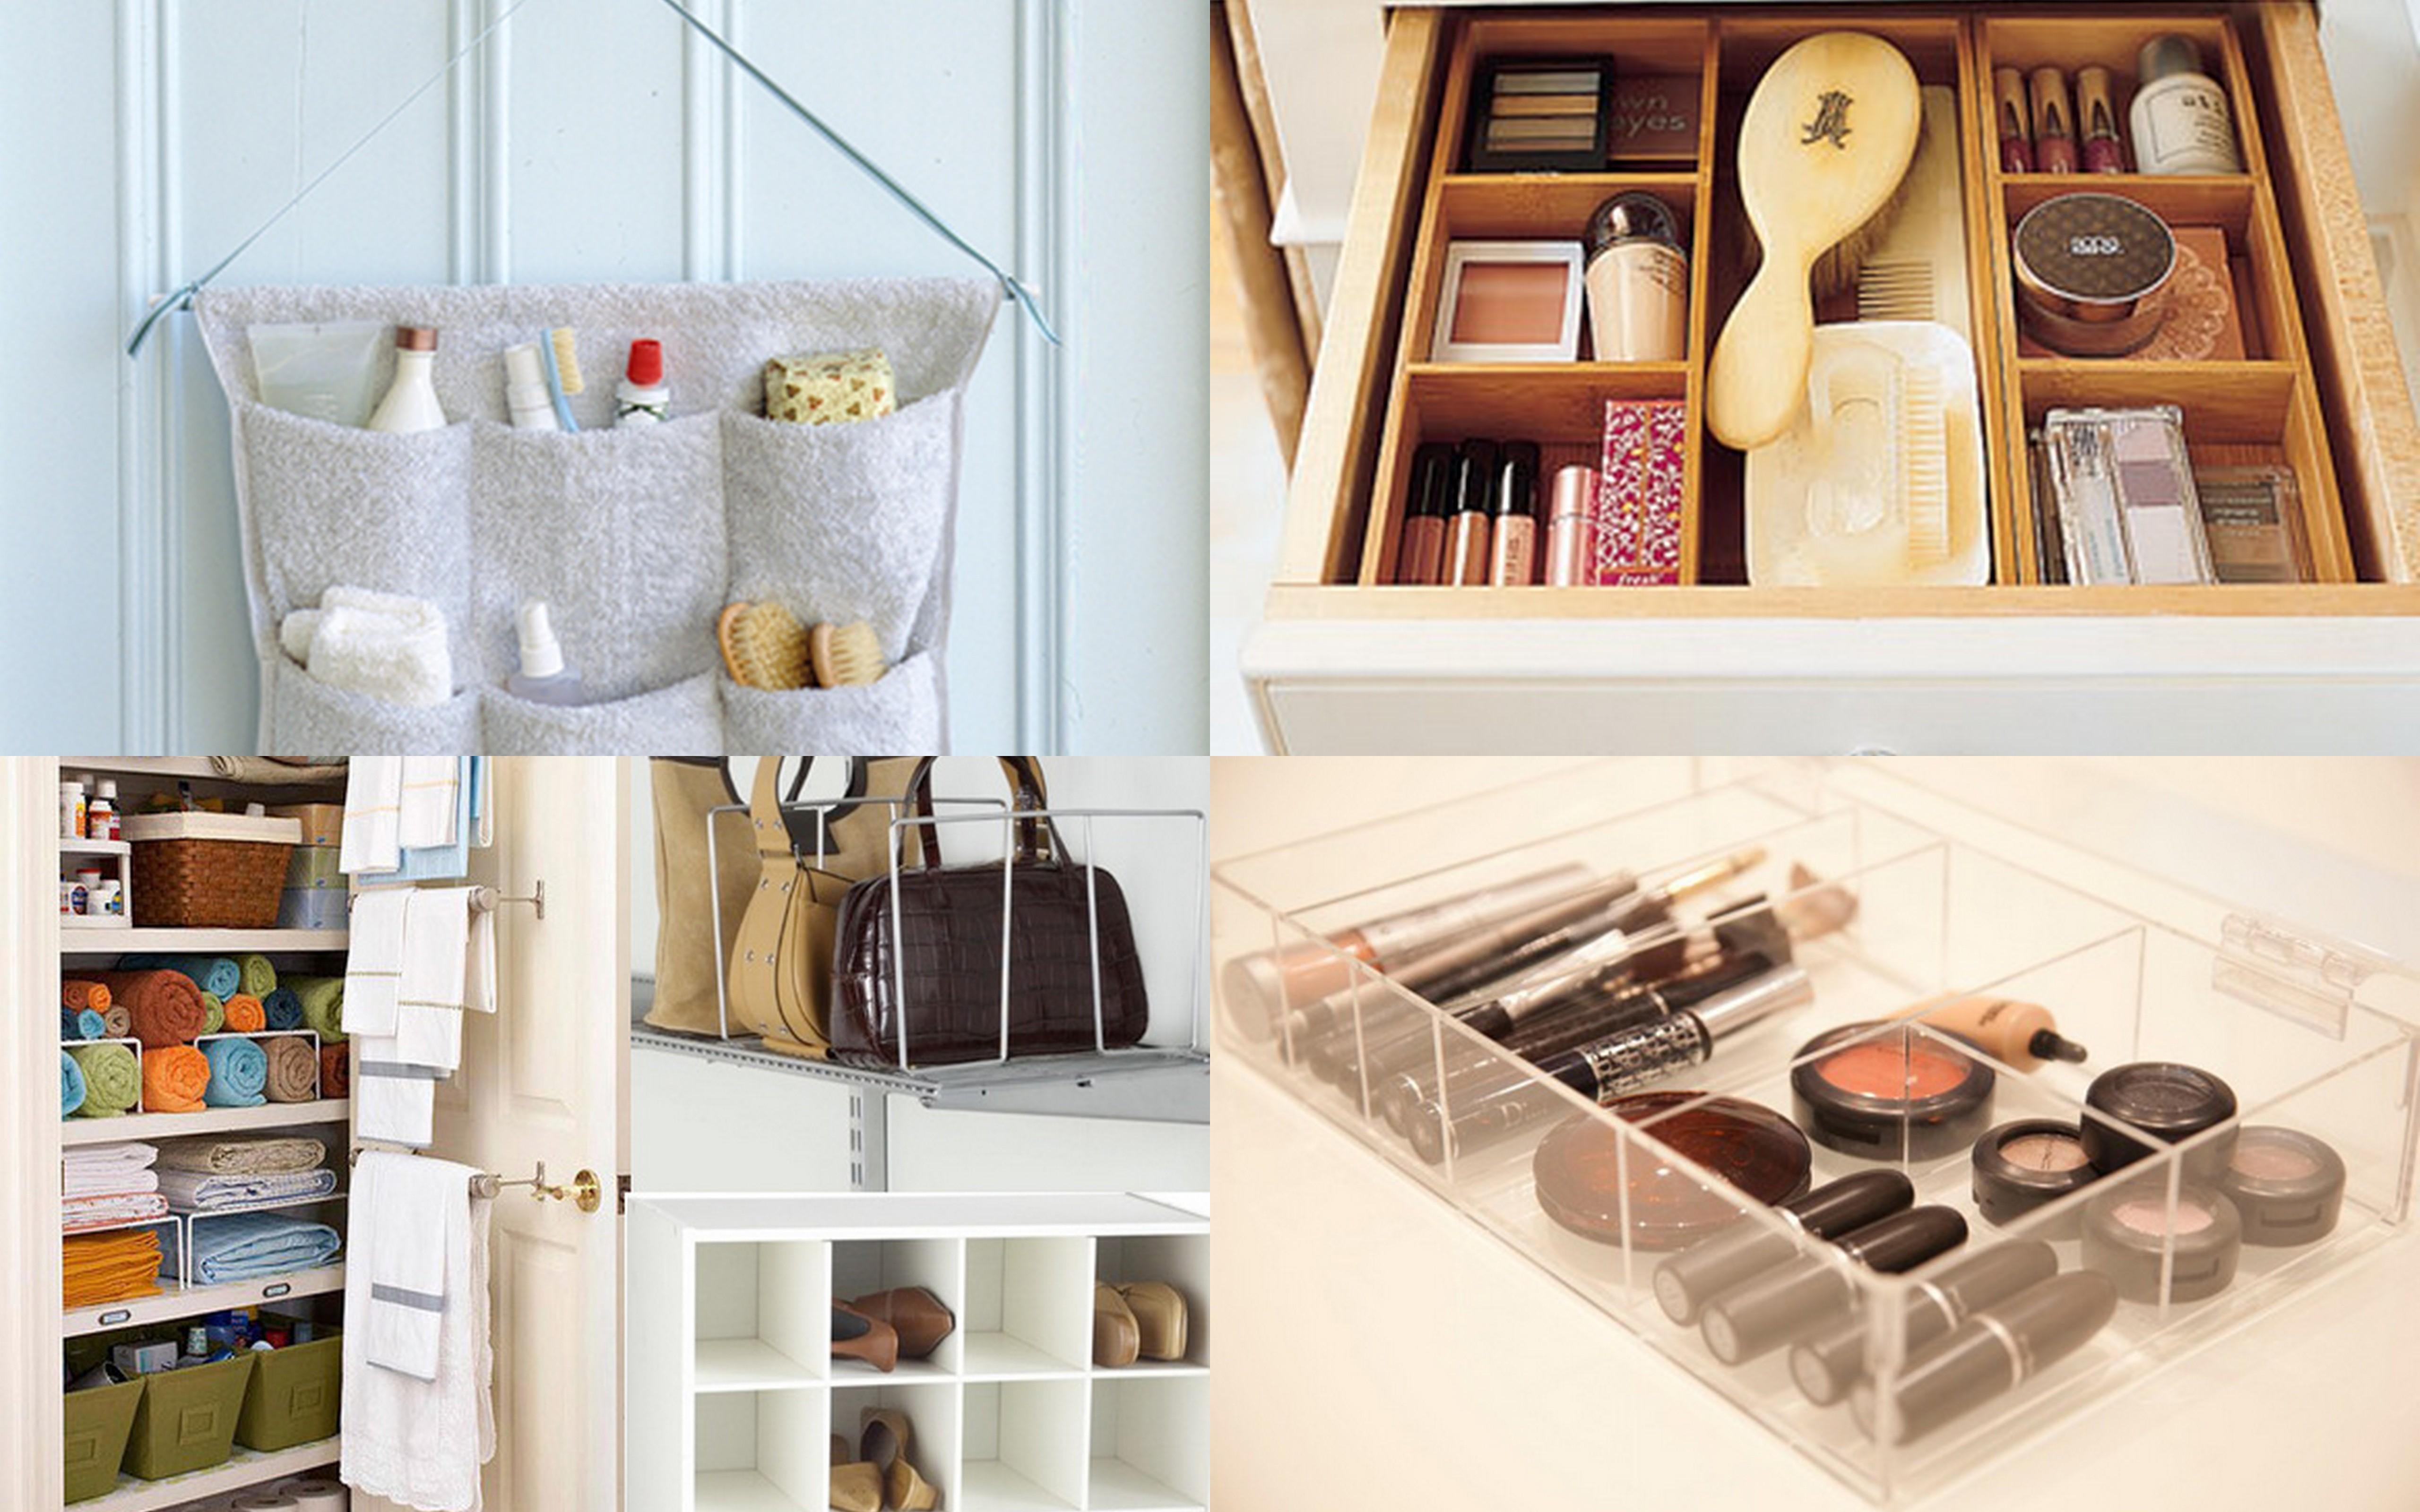 decoracao de interiores simples e barata : decoracao de interiores simples e barata:Ideias baratas de decoração para o quarto!